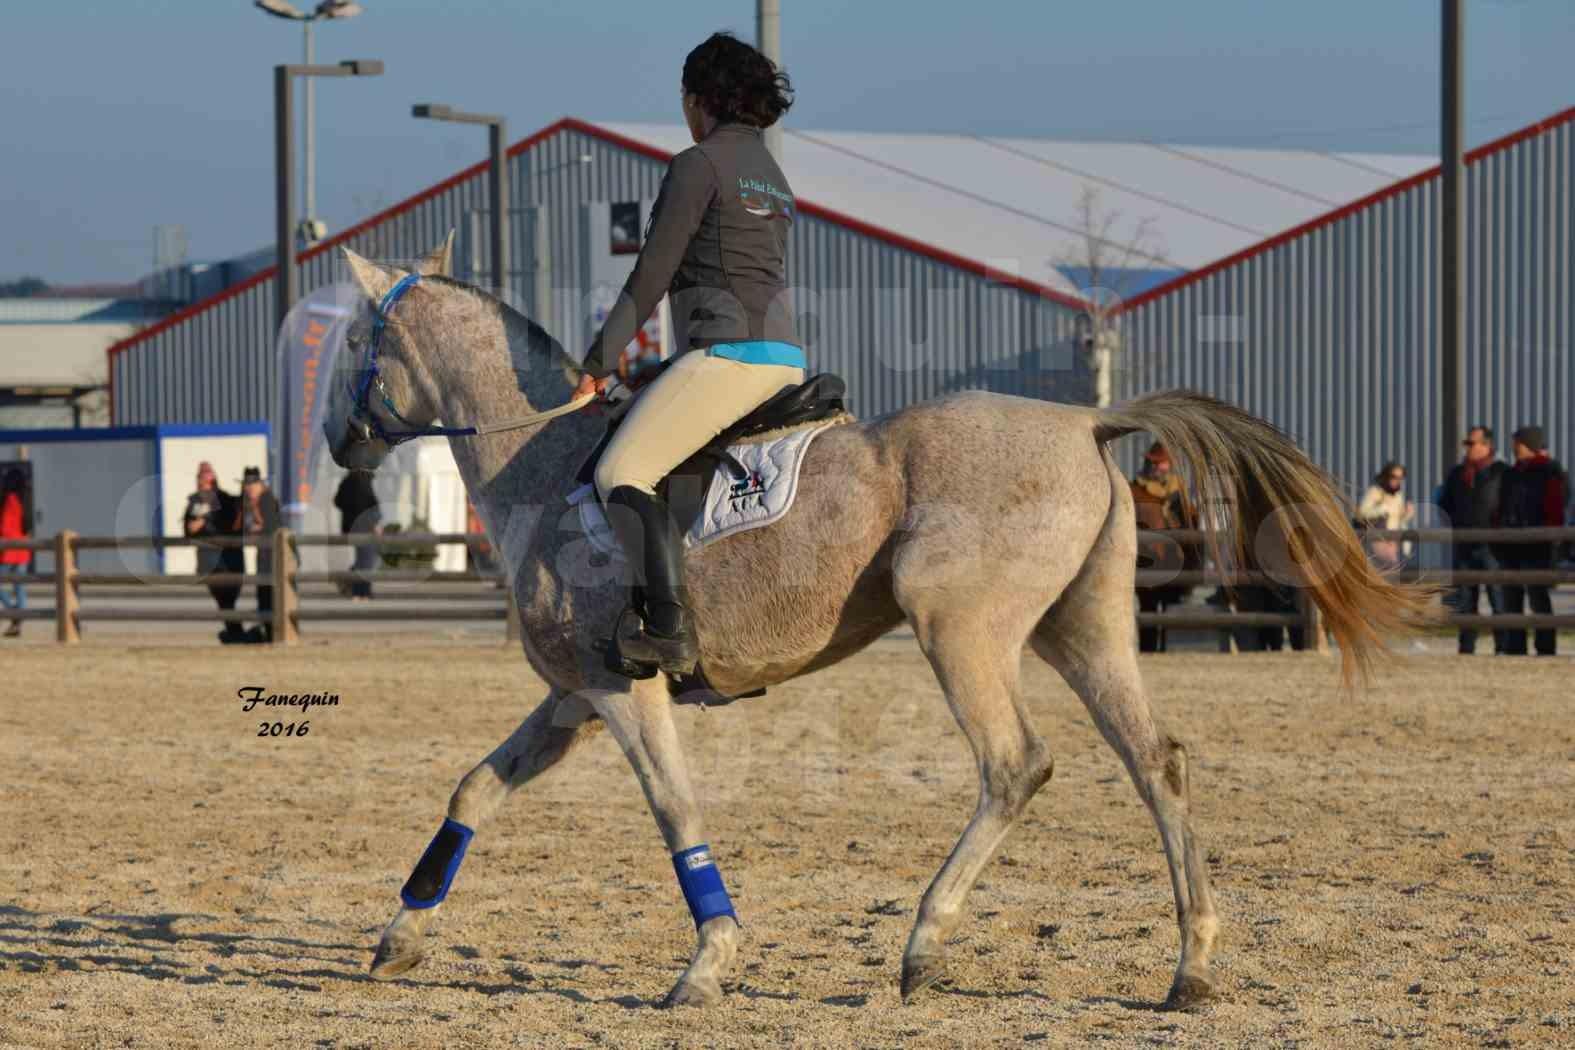 Cheval Passion 2016 - Présentation extérieure de chevaux Arabes montés - 08